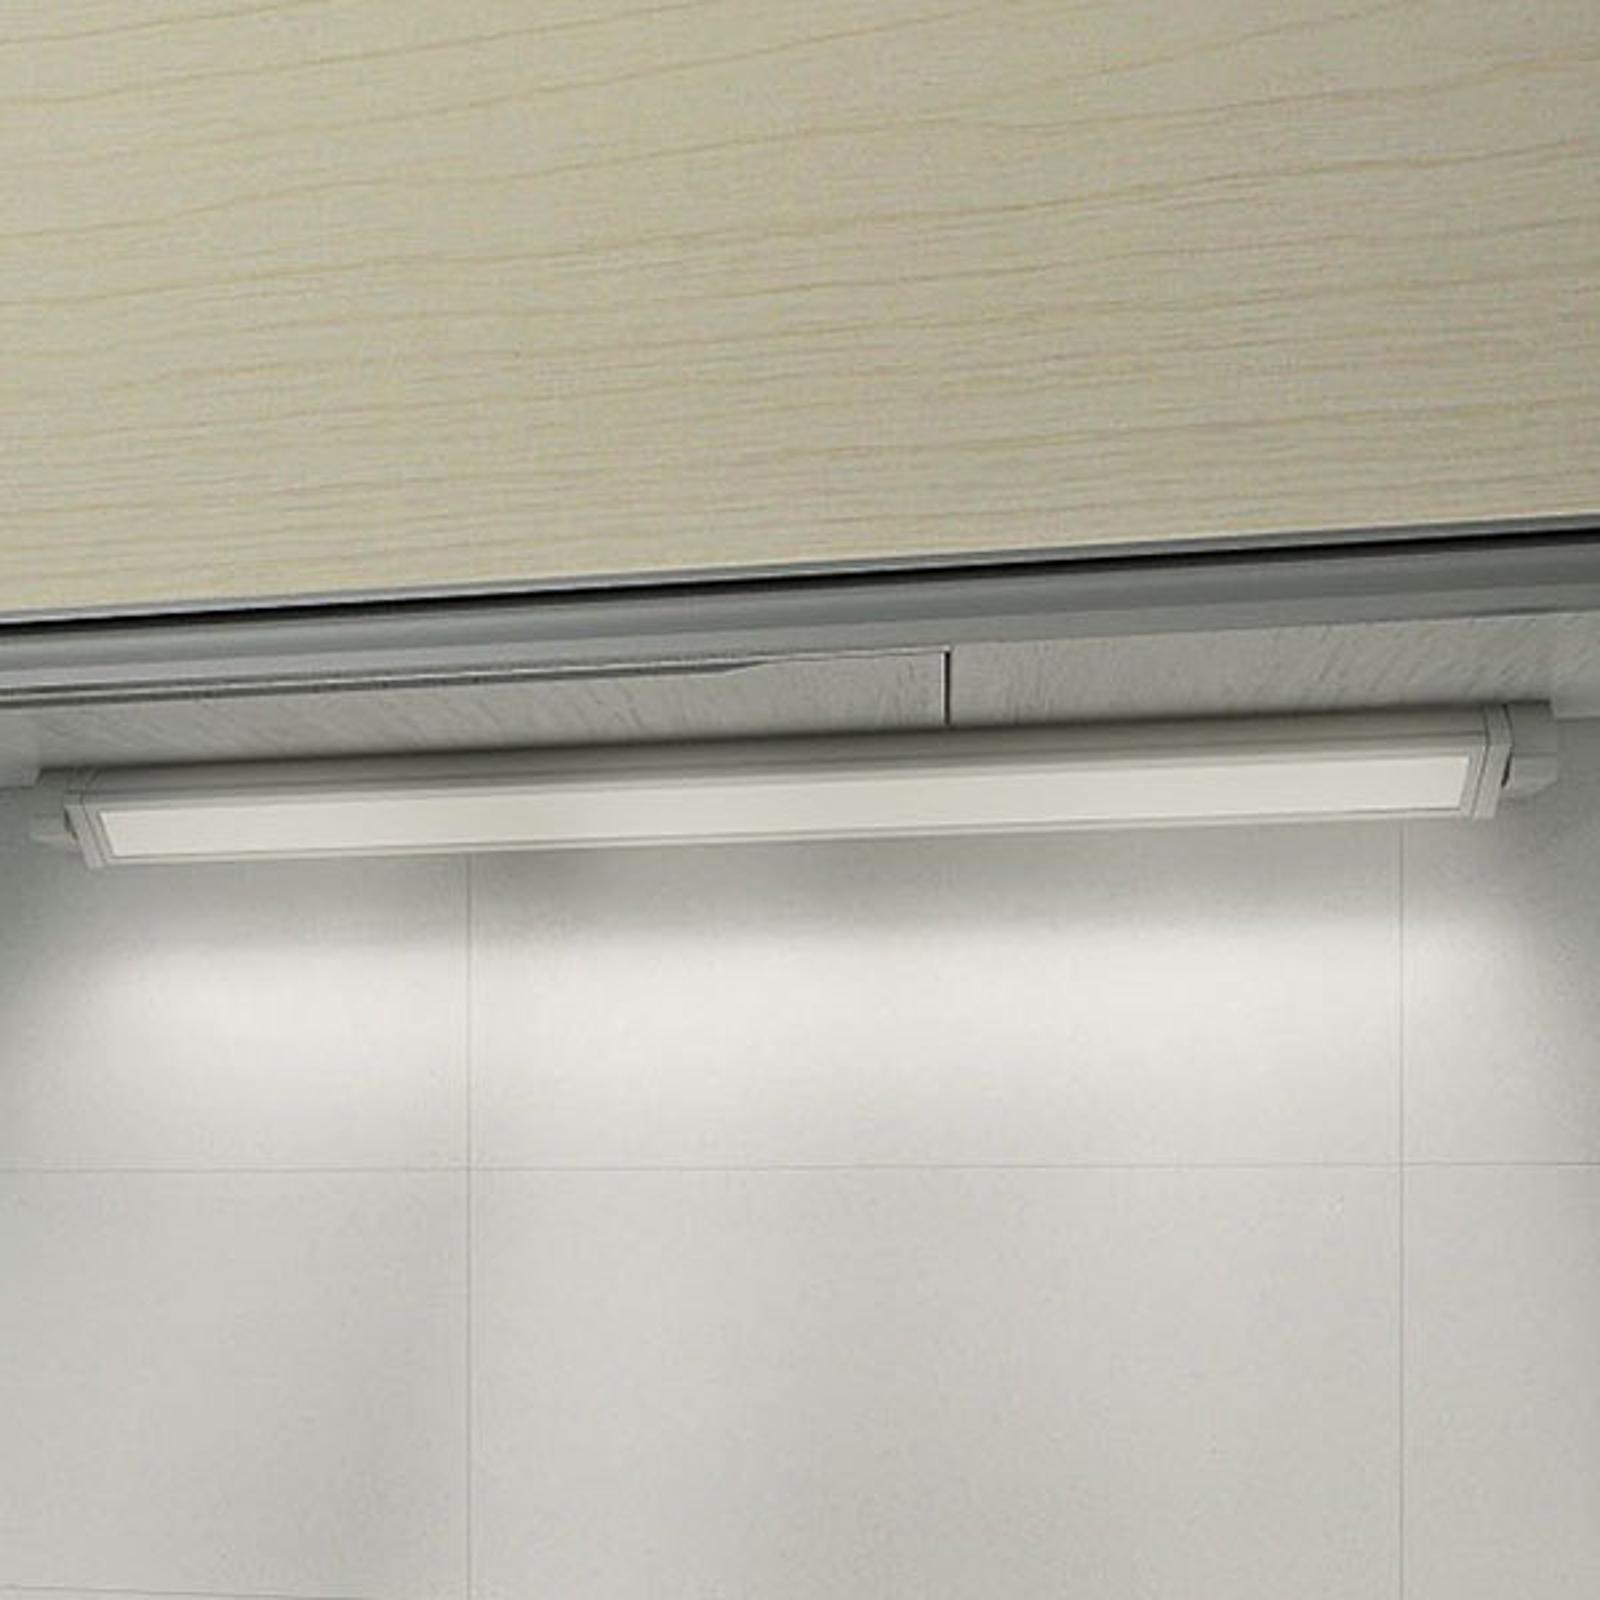 Utenpåliggende LED-møbellampe 957, lengde 34,8 cm